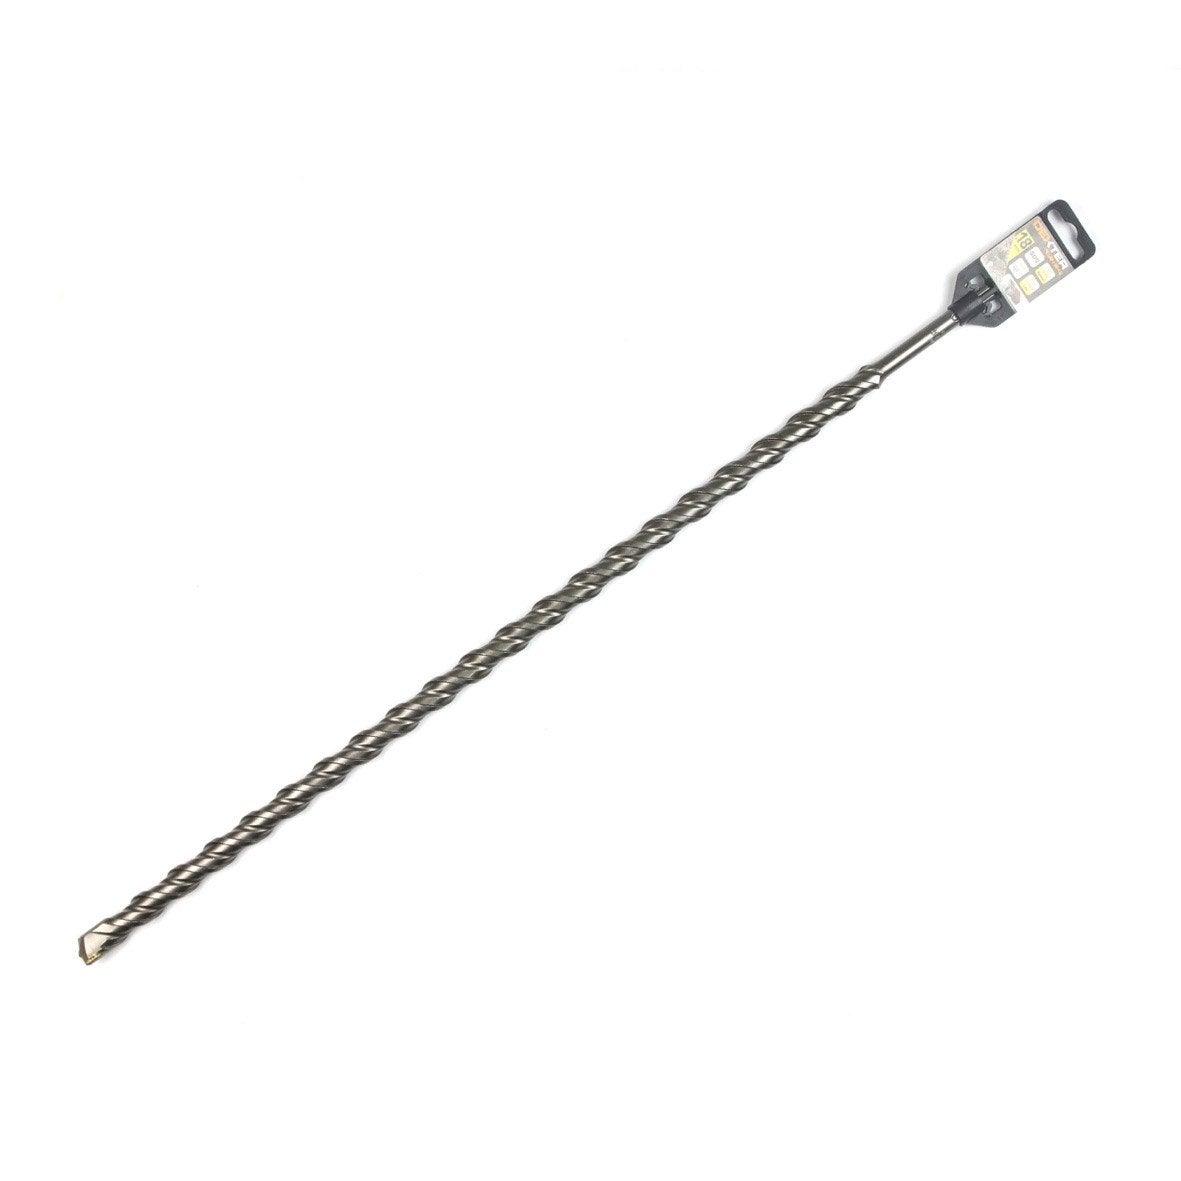 Foret b ton diam tr pan de plus de 80 mm dexter pro for Foret carrelage leroy merlin